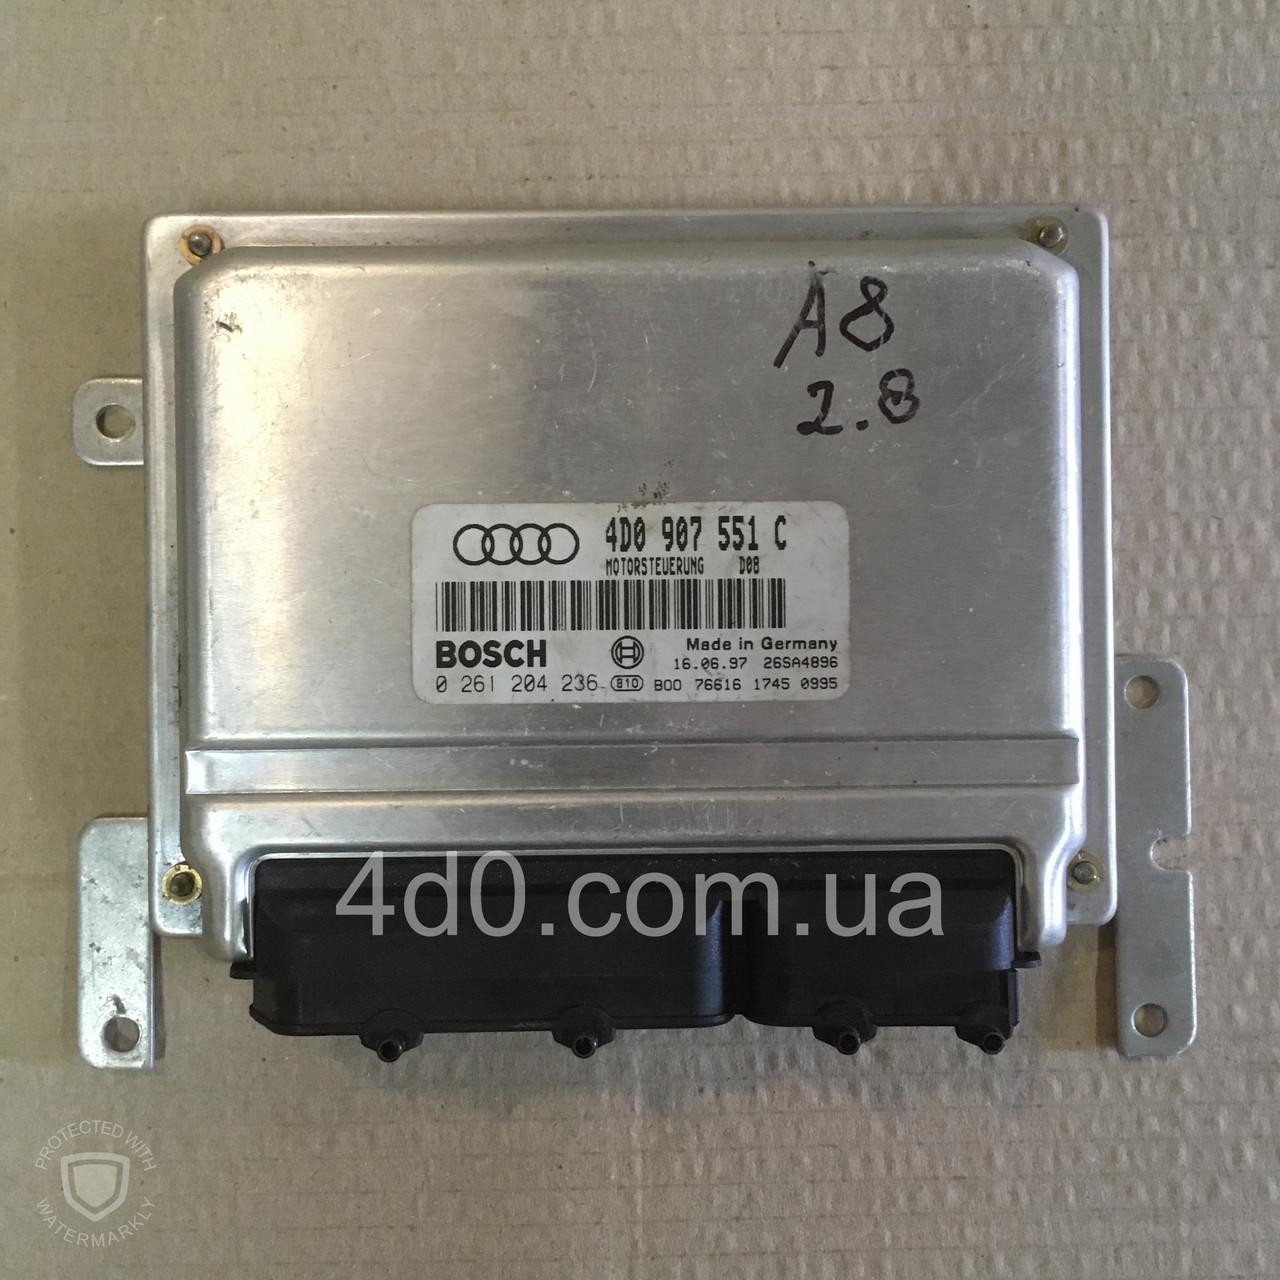 4D0907551C Блок управління двигуном на Audi A8 2.8 бензин